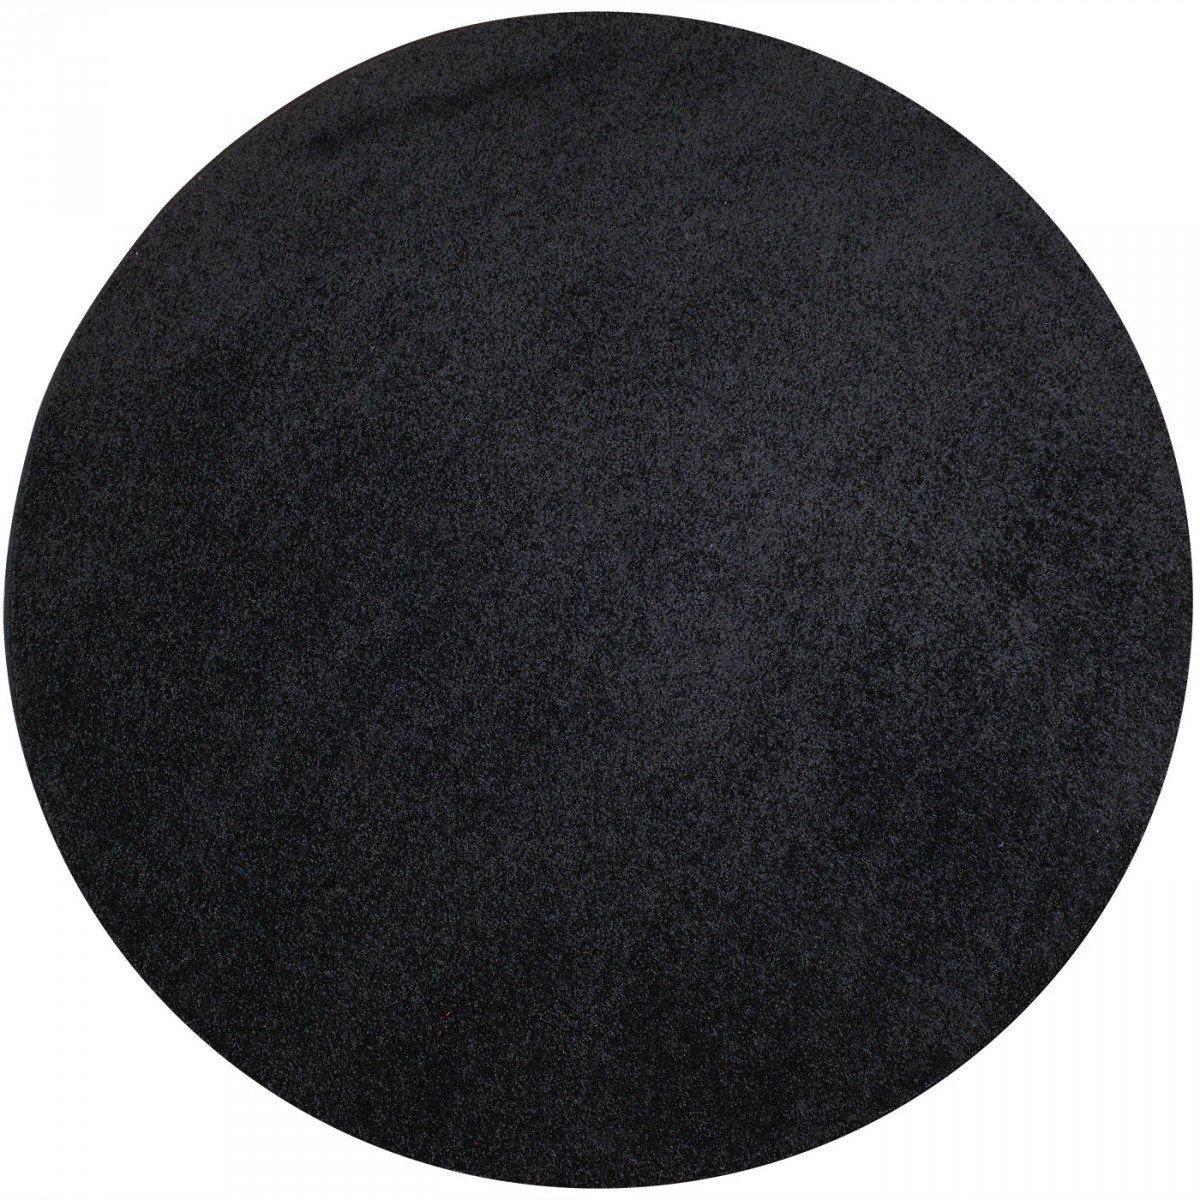 Havatex Teppich Kräusel Velour Burbon rund - 16 moderne sowie klassische Farben   schadstoffgeprüft pflegeleicht & robust   ideal für Wohnzimmer, Farbe Schwarz, Größe 67 cm rund B00FQ10DJ6 Teppiche Spielzeugwelt, glücklich und gr